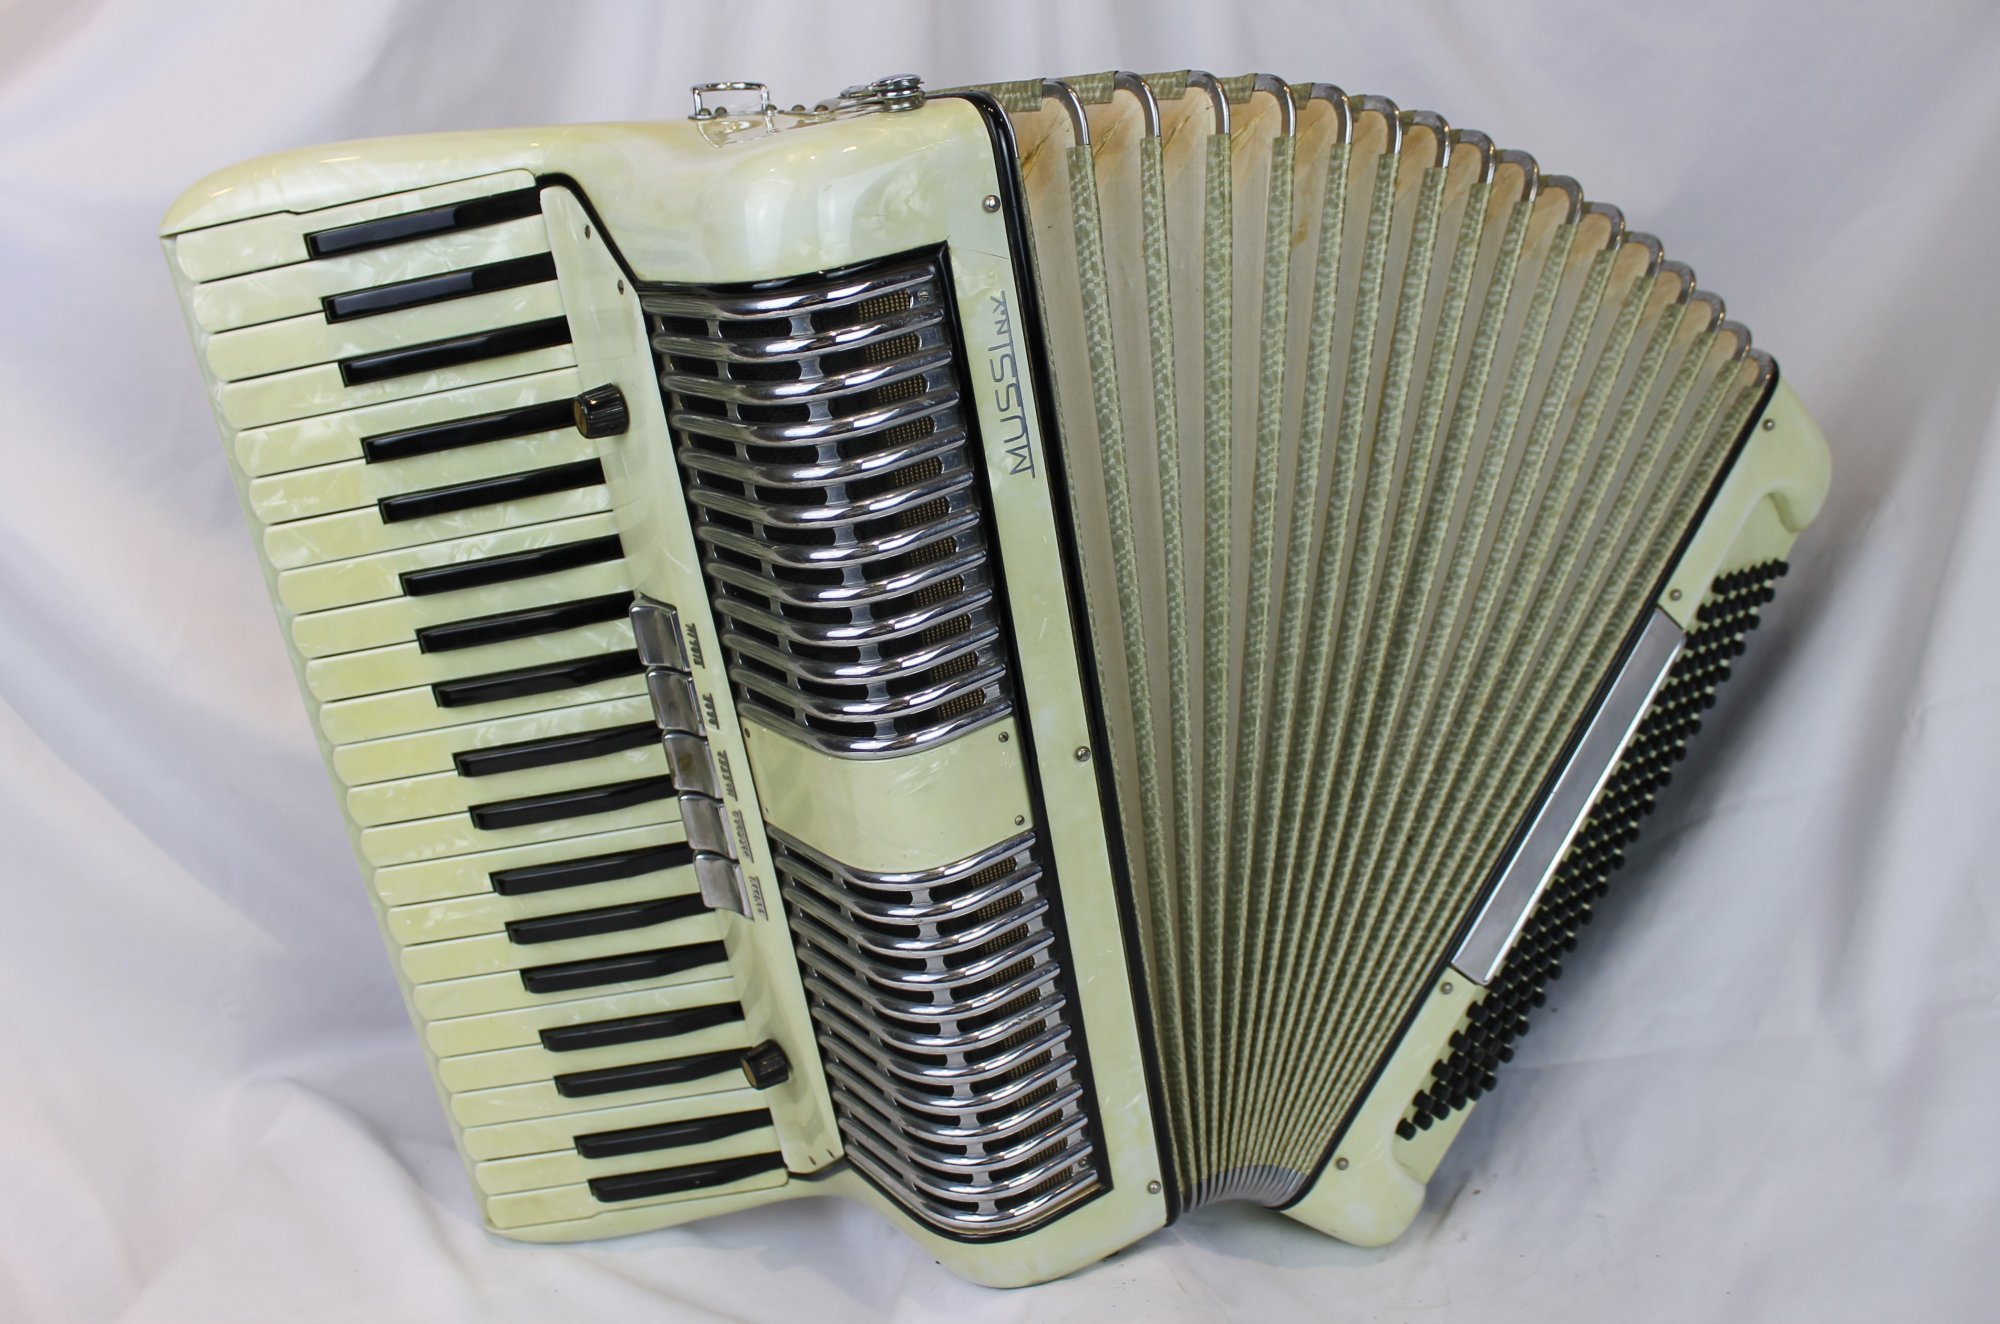 4272 - Cream Morbidoni Mussi Piano Accordion LMH 41 120